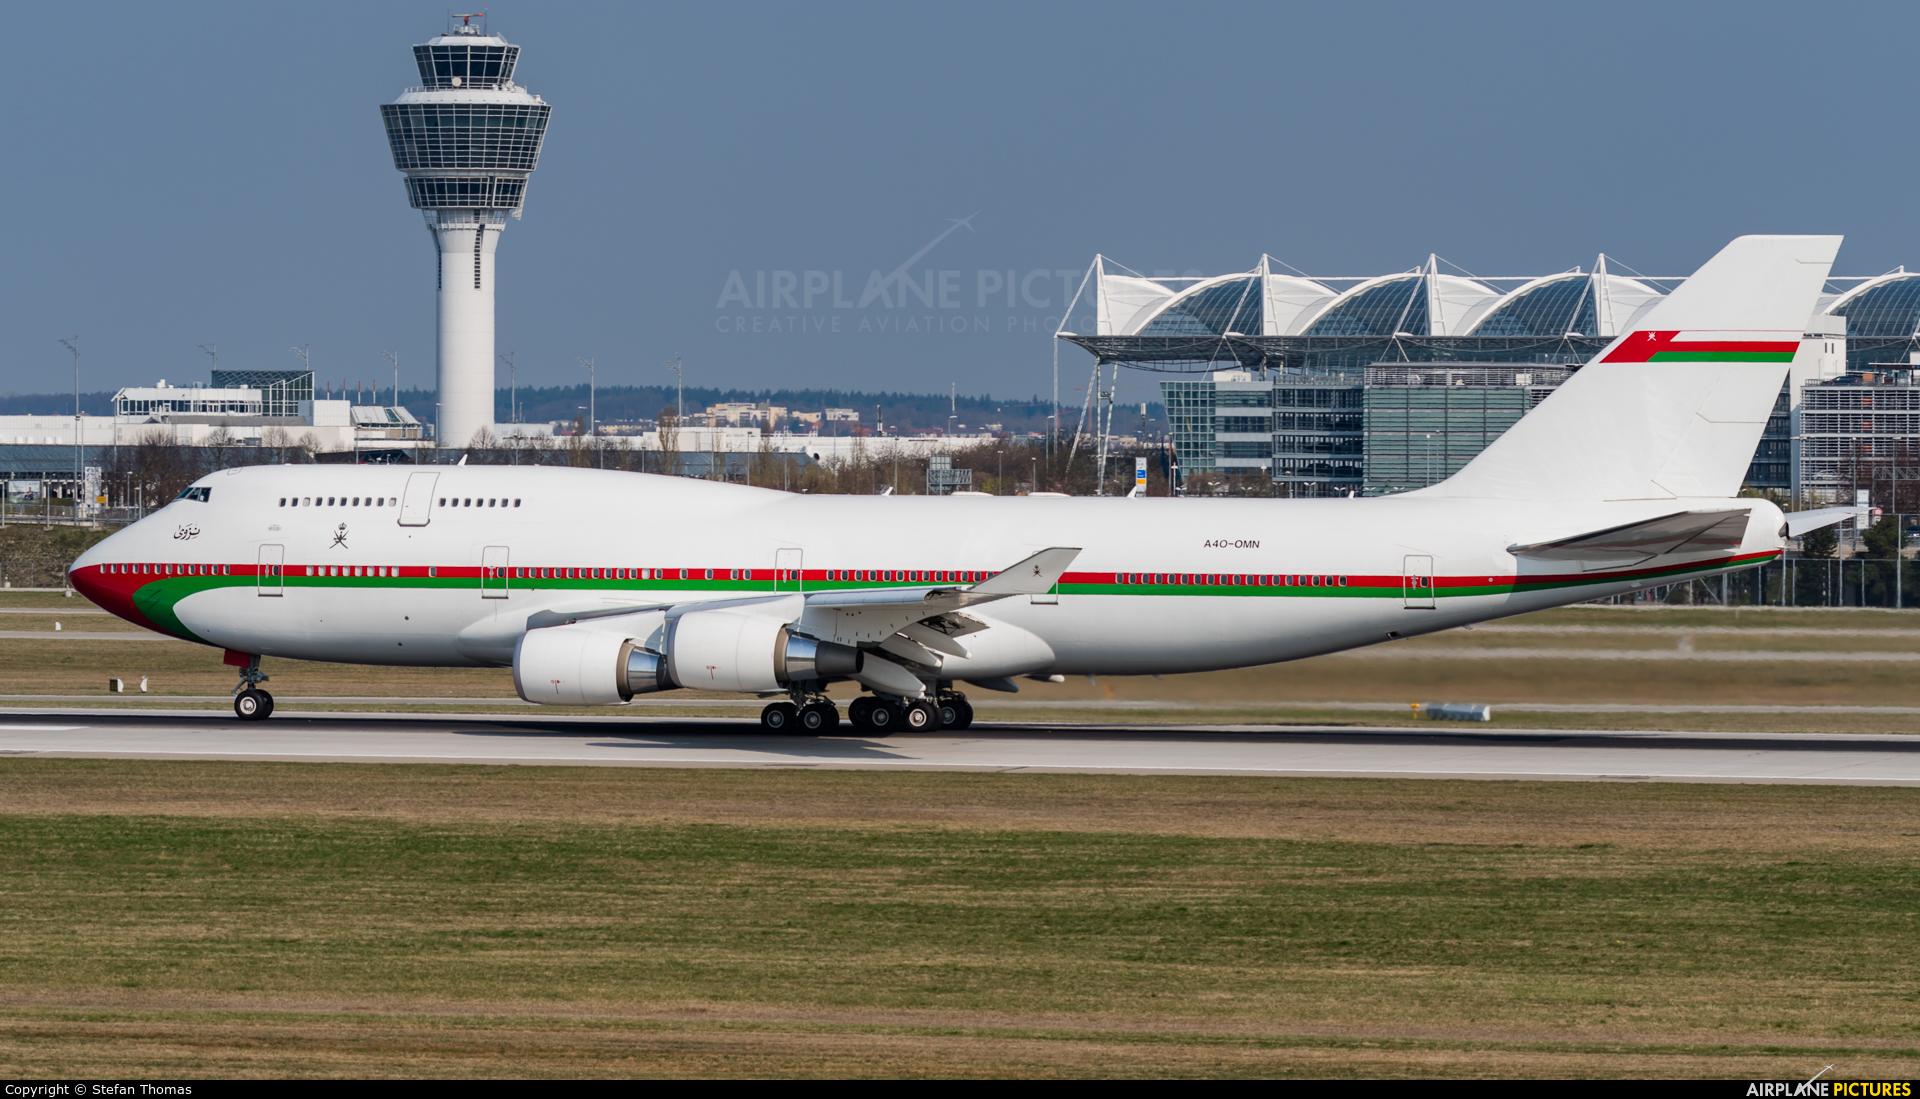 Oman - Royal Flight A4O-OMN aircraft at Munich